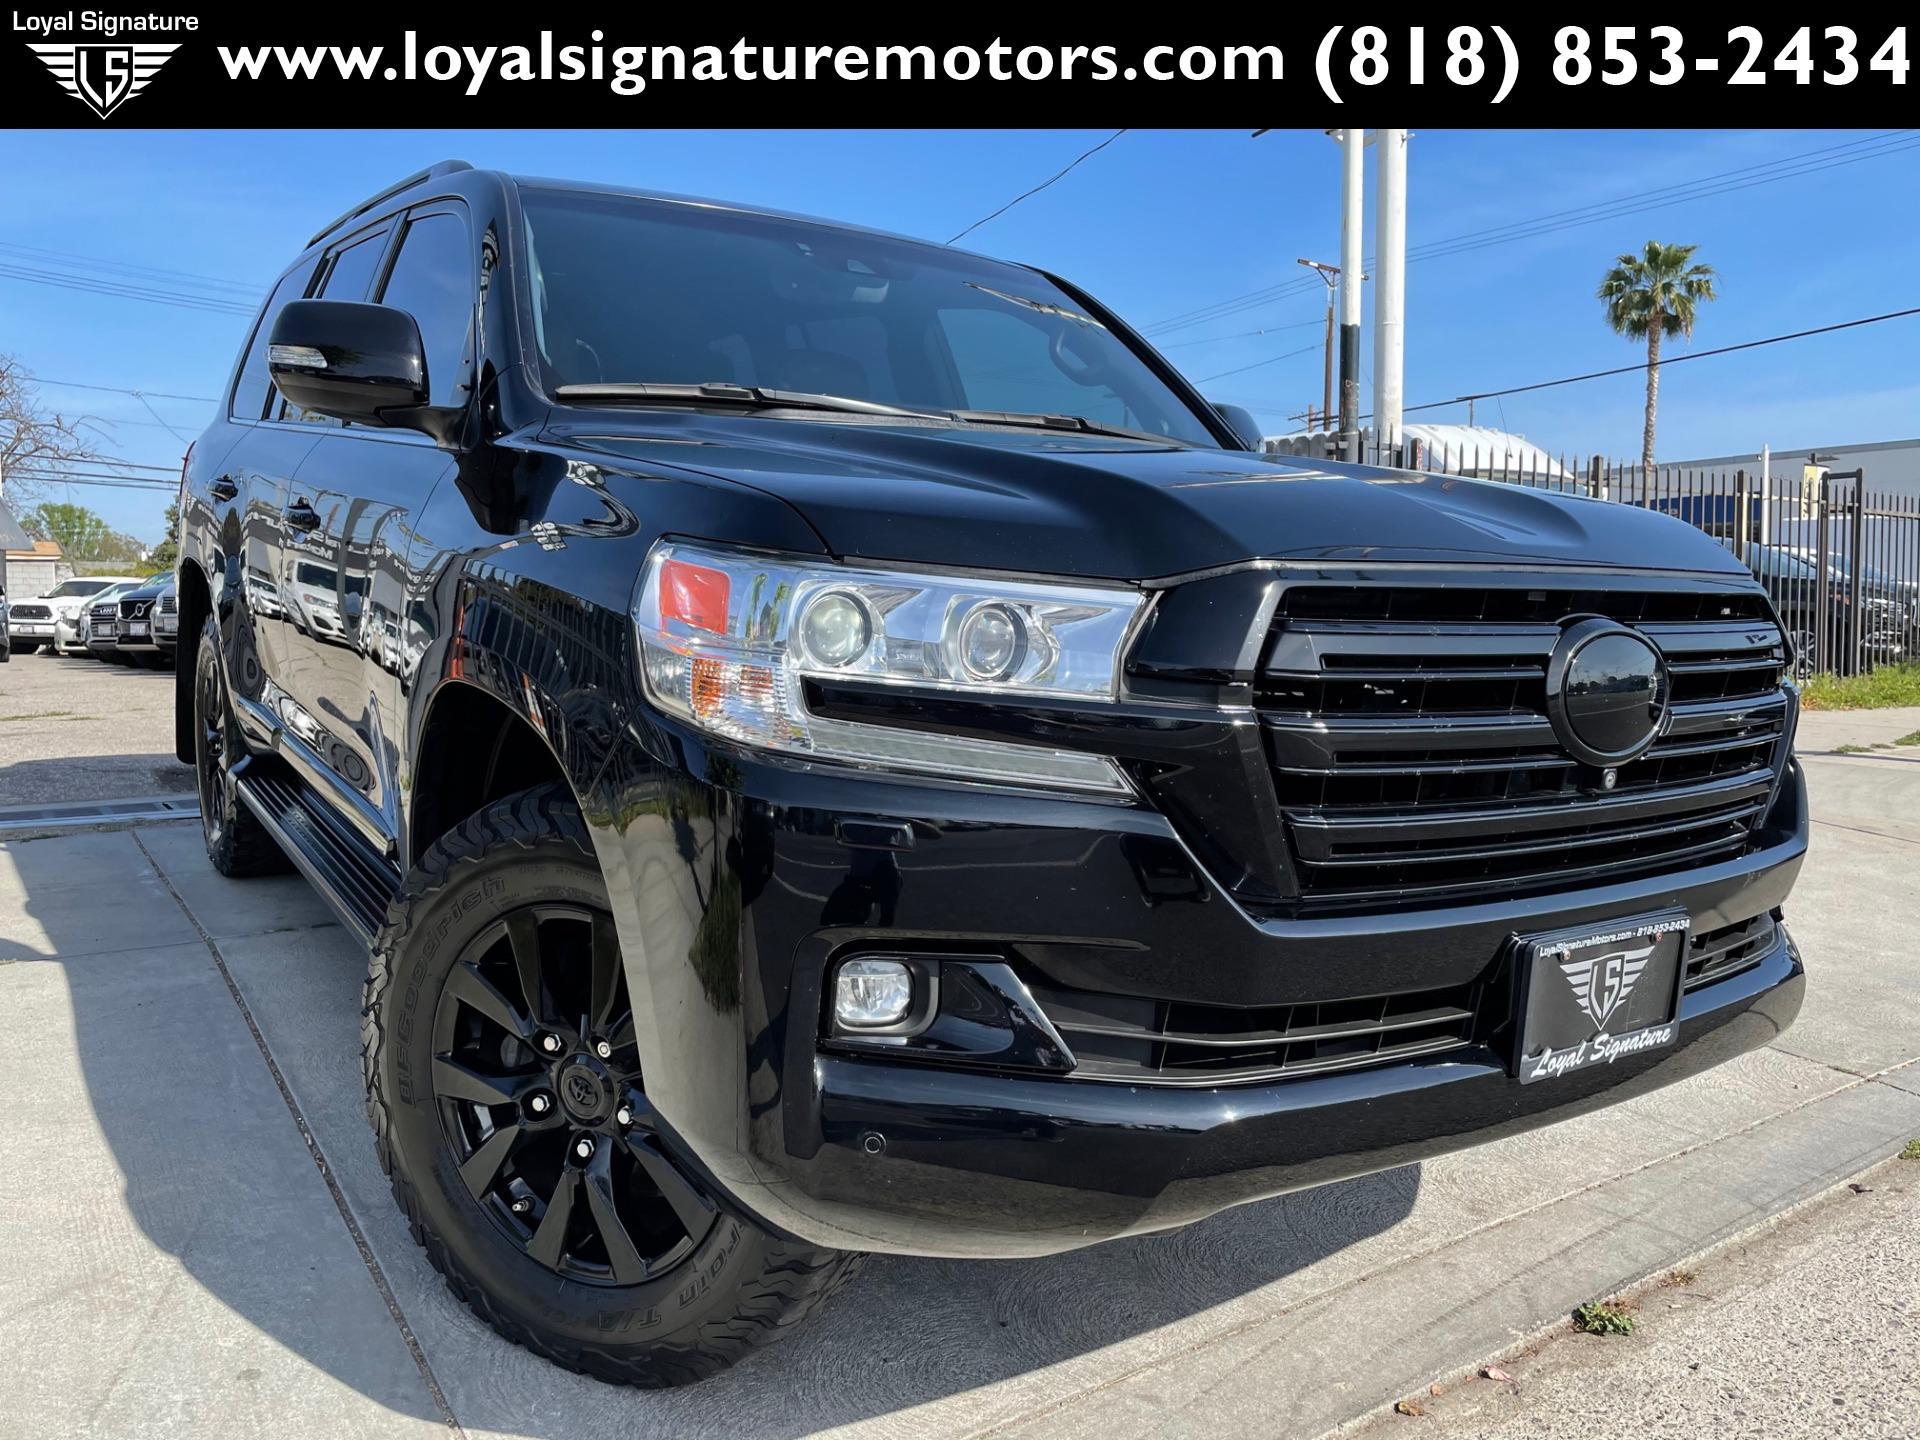 Used 2016 Toyota Land Cruiser  | Van Nuys, CA